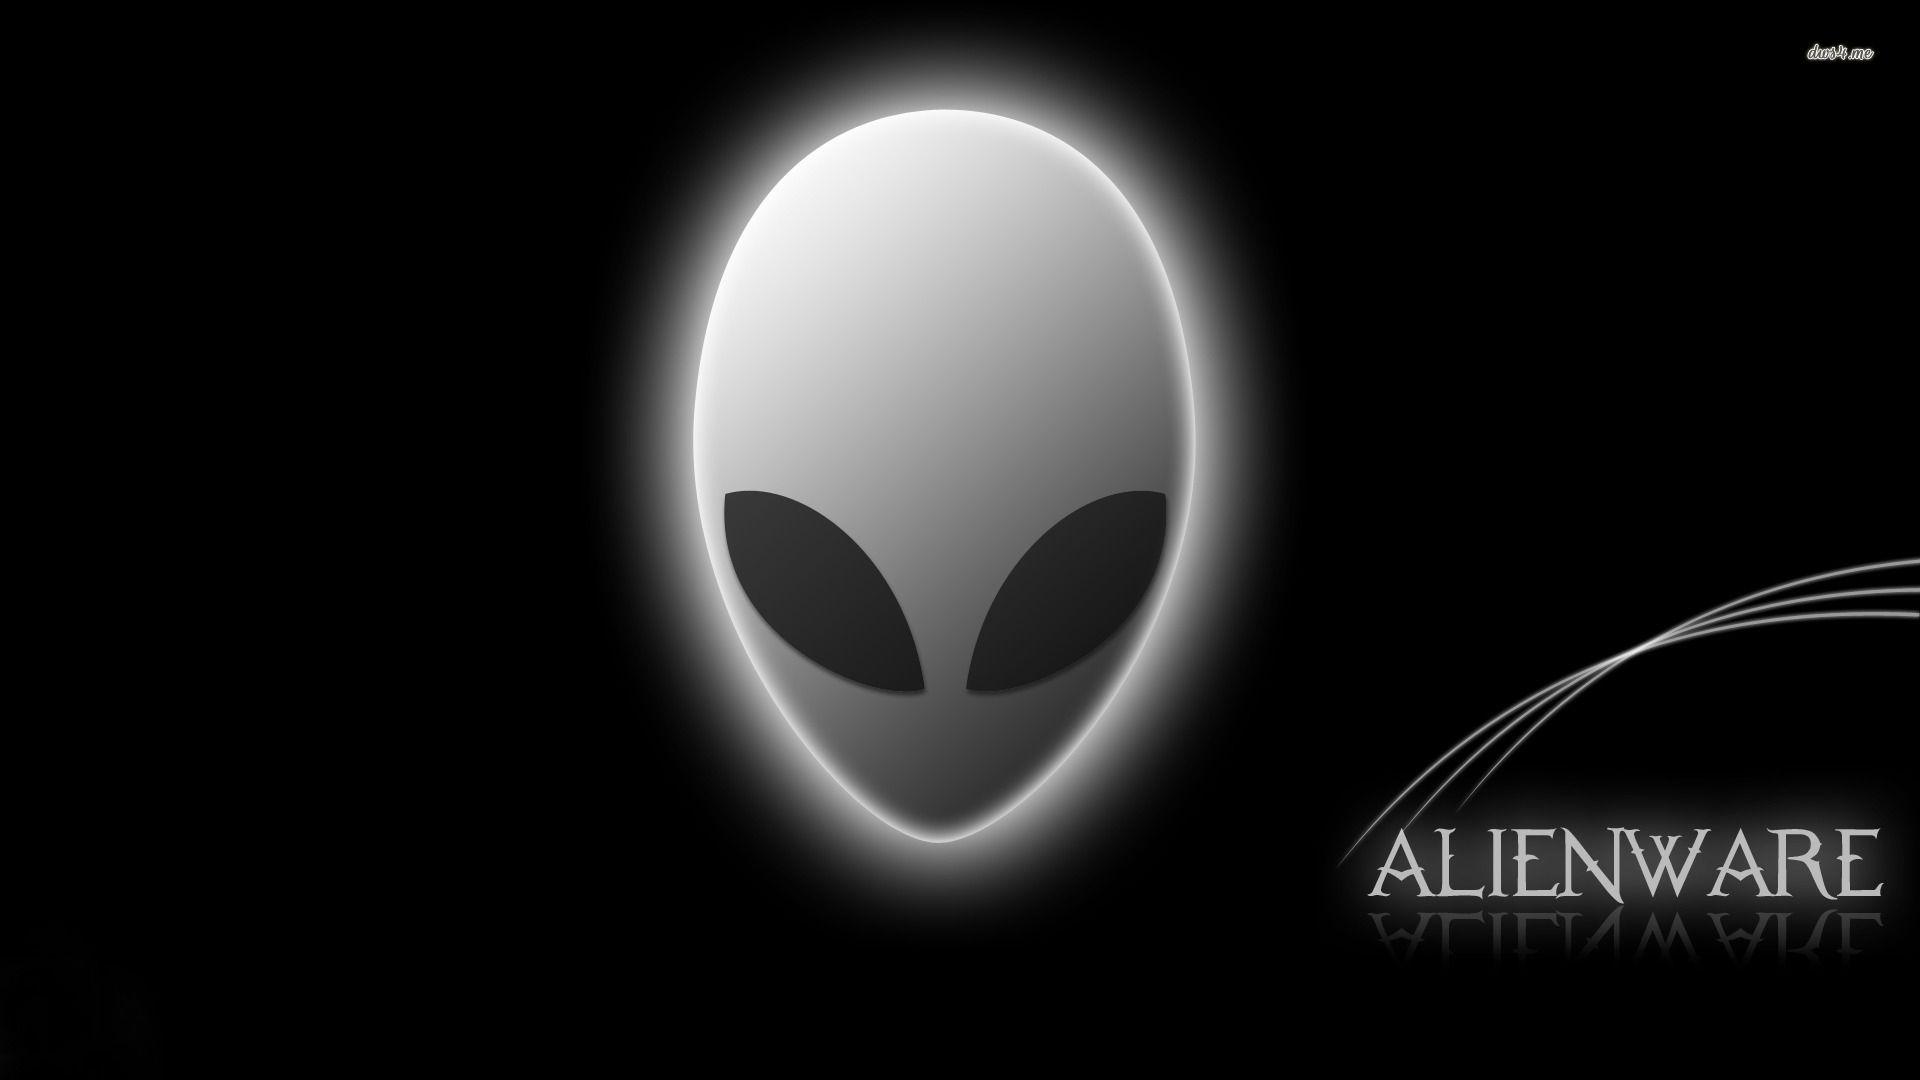 Alienware Wallpapers 1920x1080 1920x1080